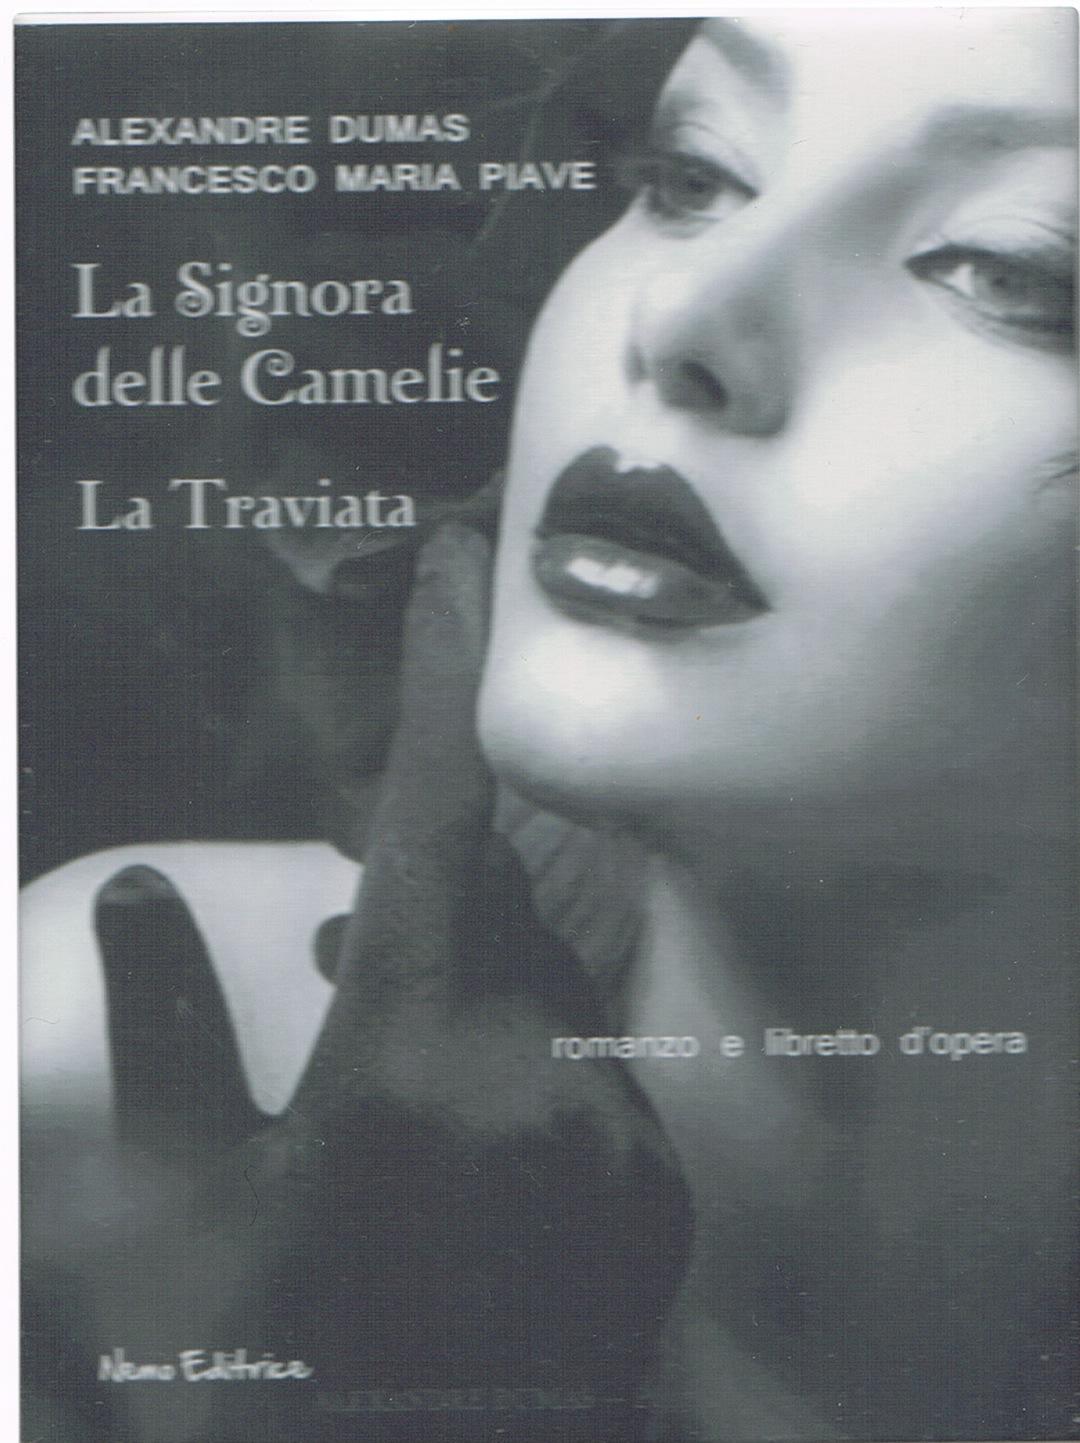 La signora delle camelie - La traviata